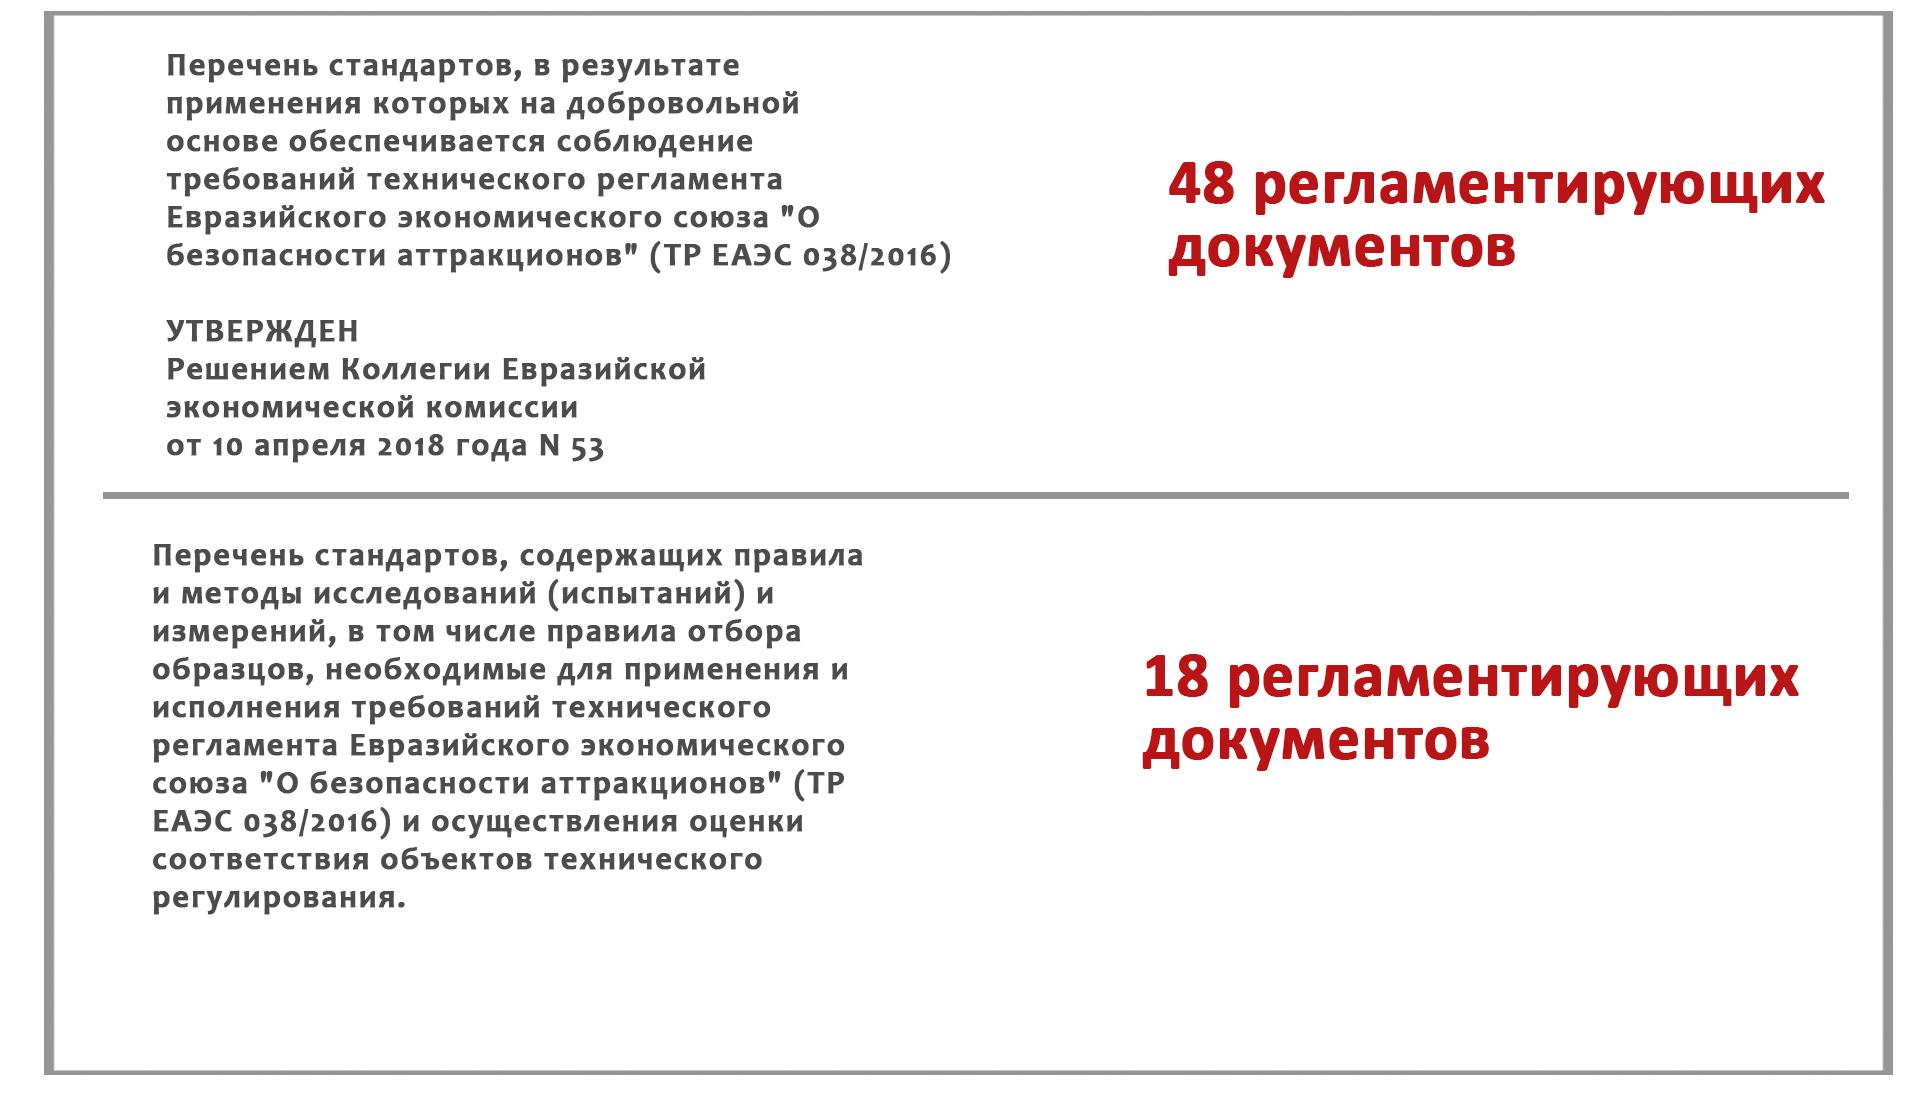 Перечень стандартов о аттракционах